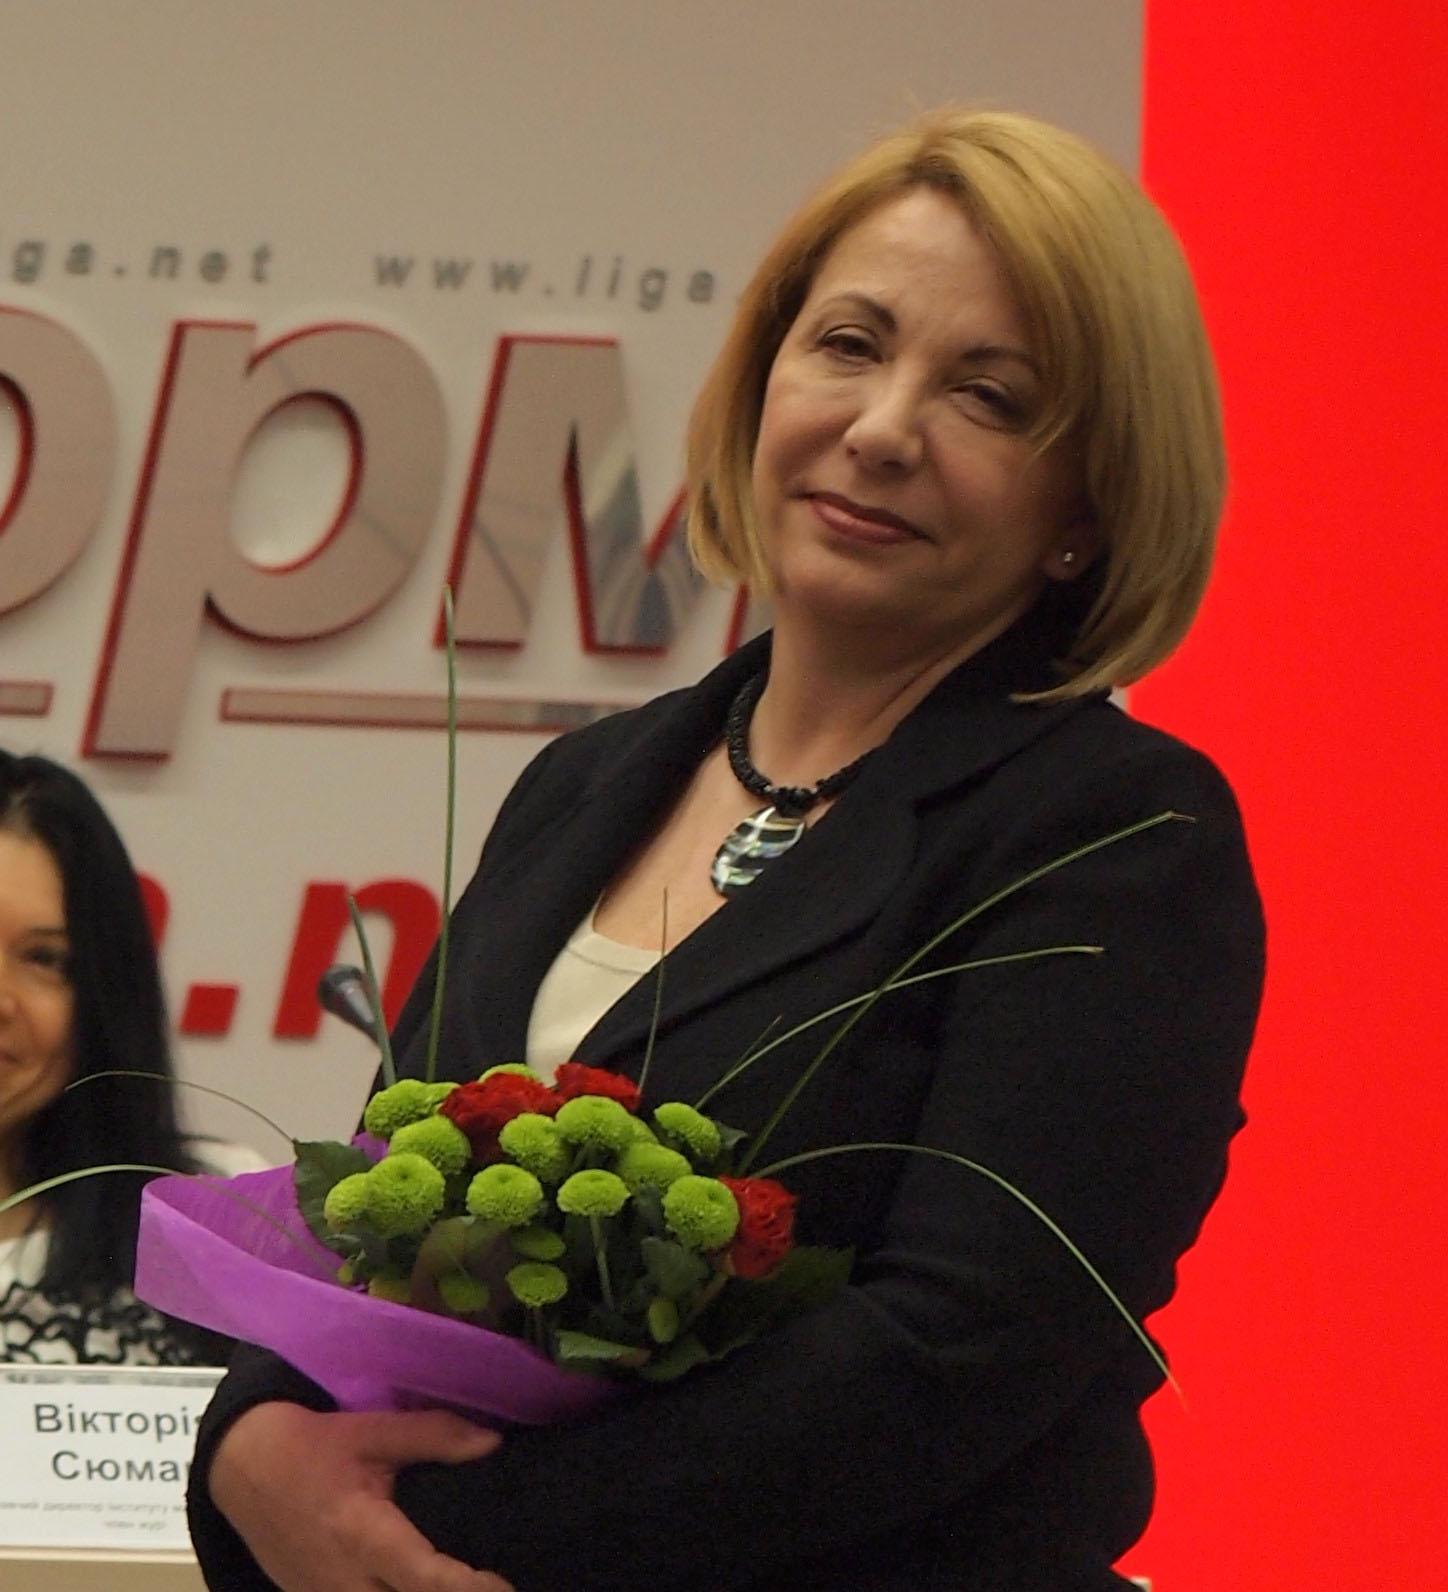 Kateryna Yushchenko